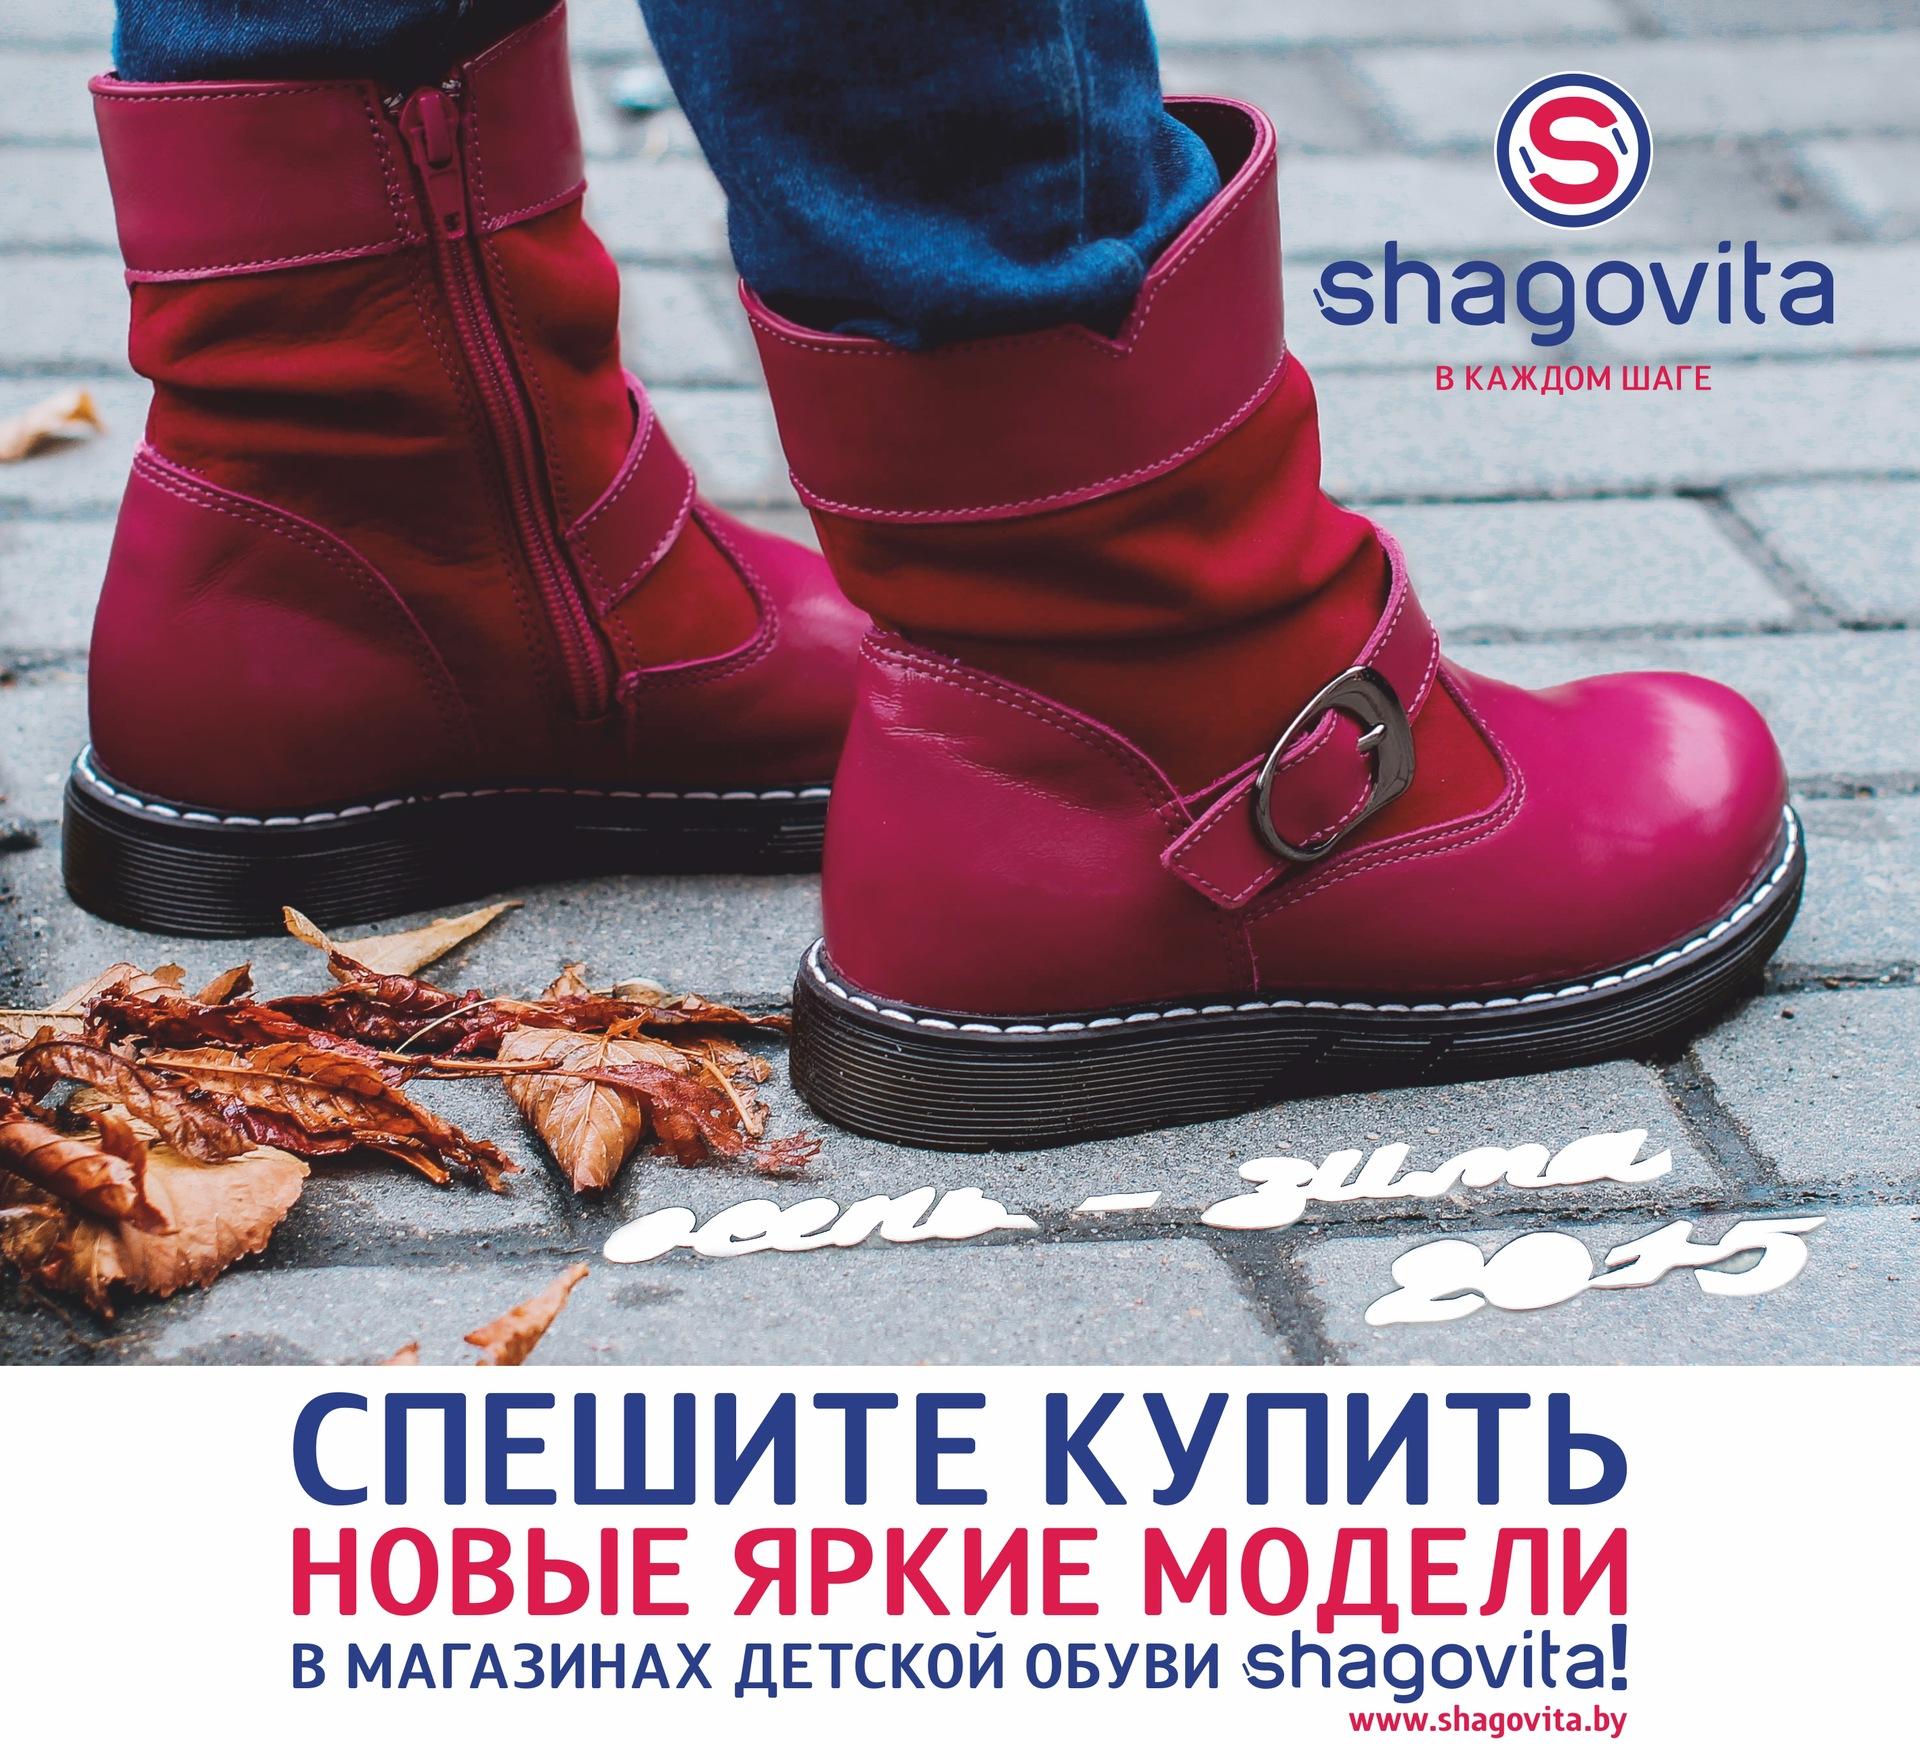 4d9c4b8d9 Новая коллекция осень−зима 2015 натуральной детской обуви Shagovita